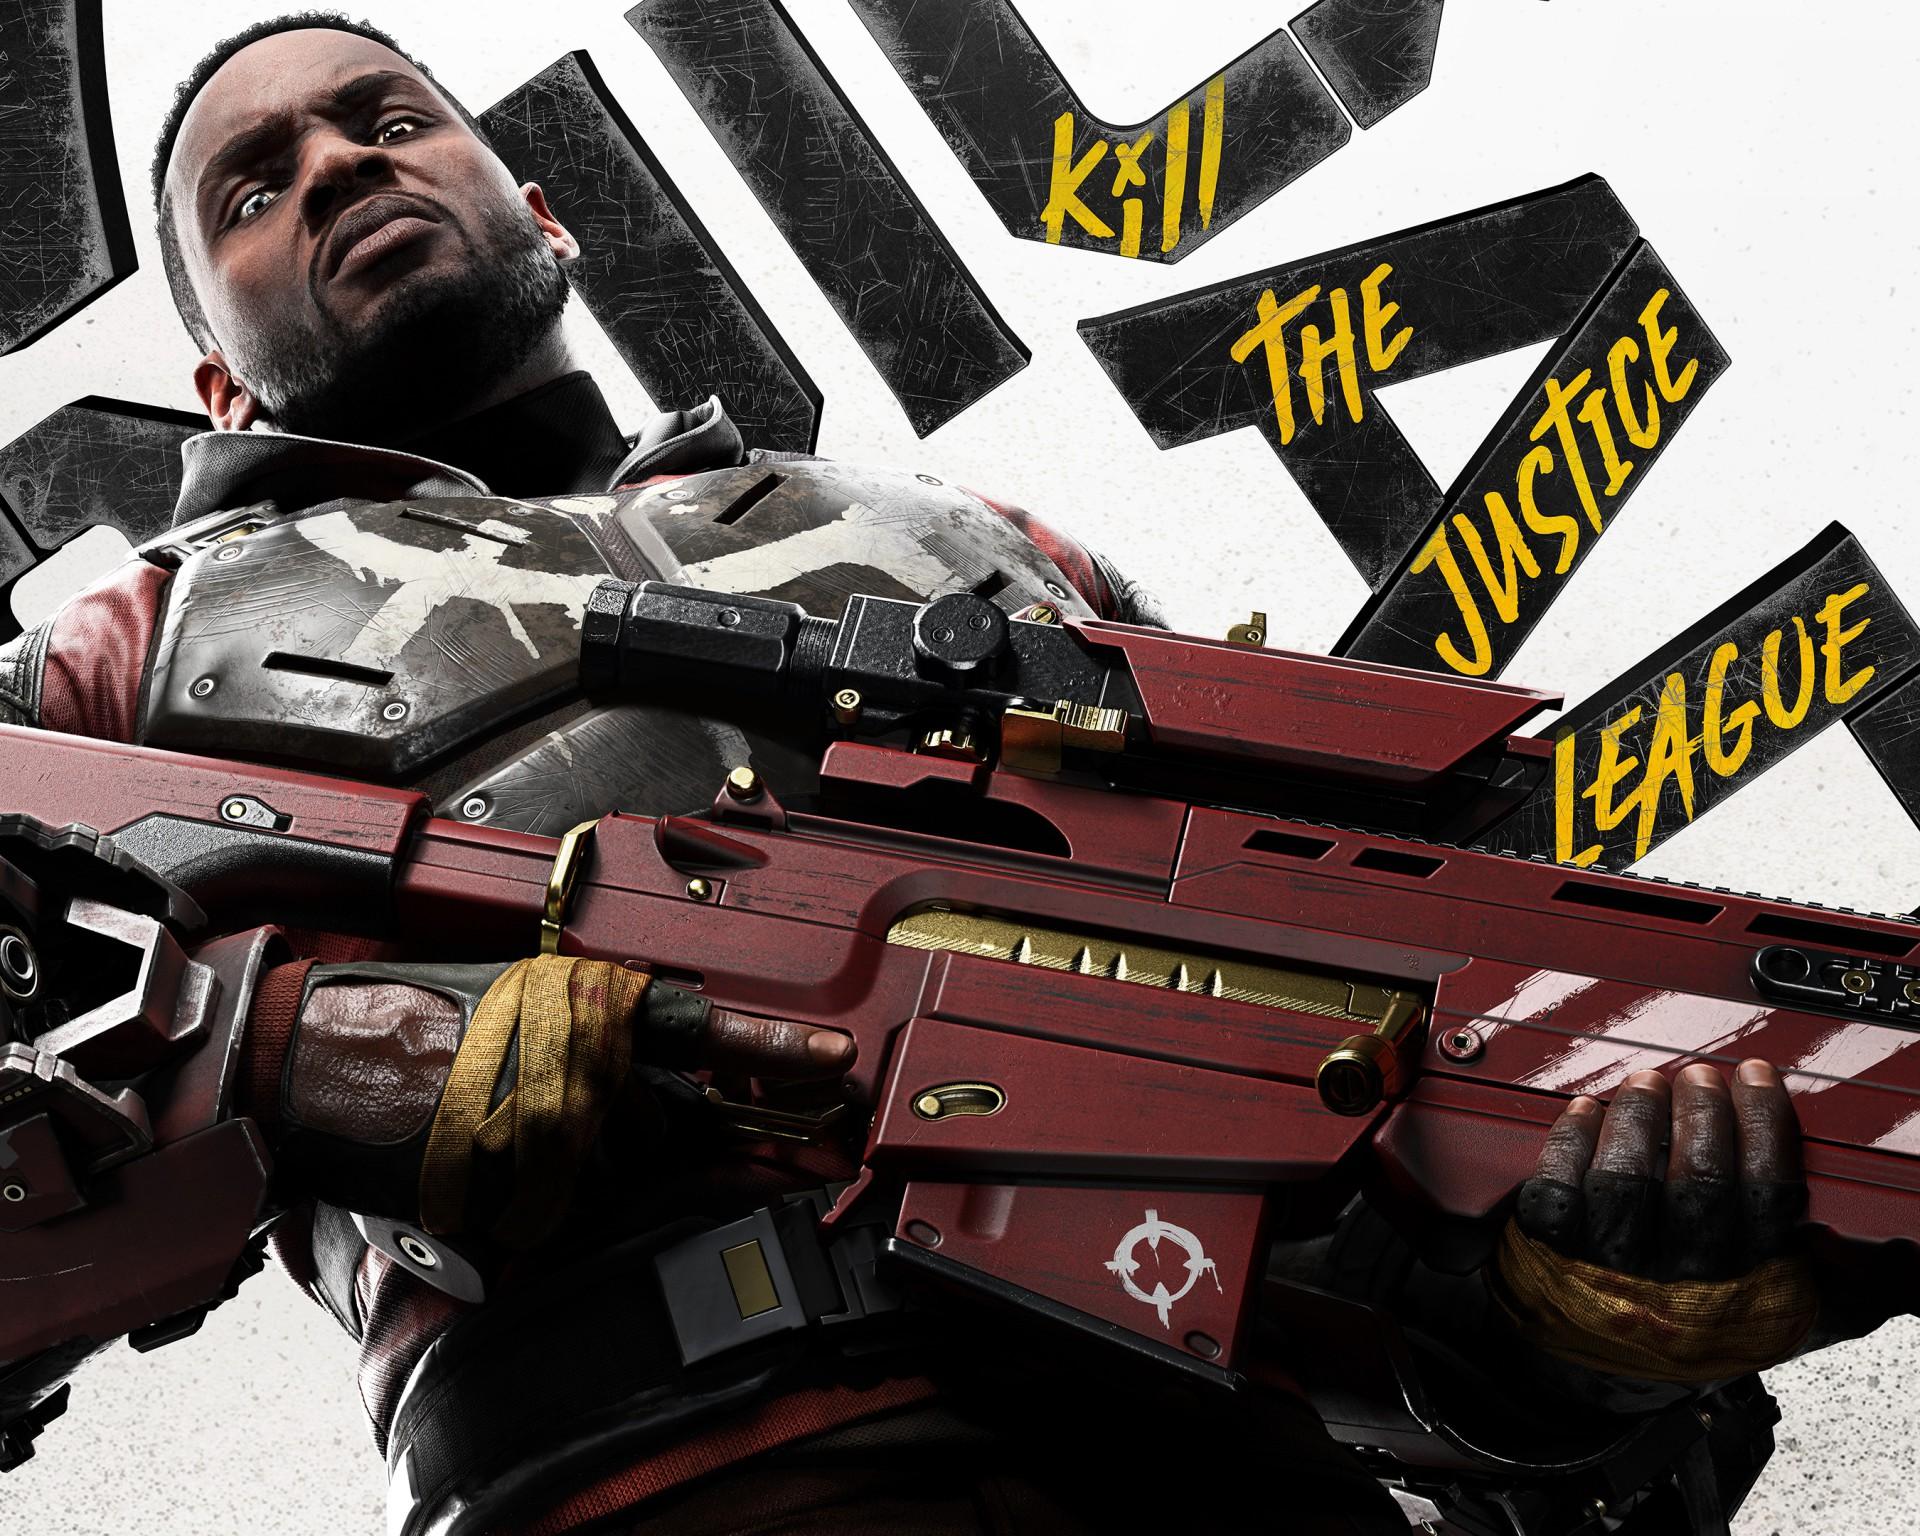 《自杀小队:杀死正义联盟》新角色艺术图 气势